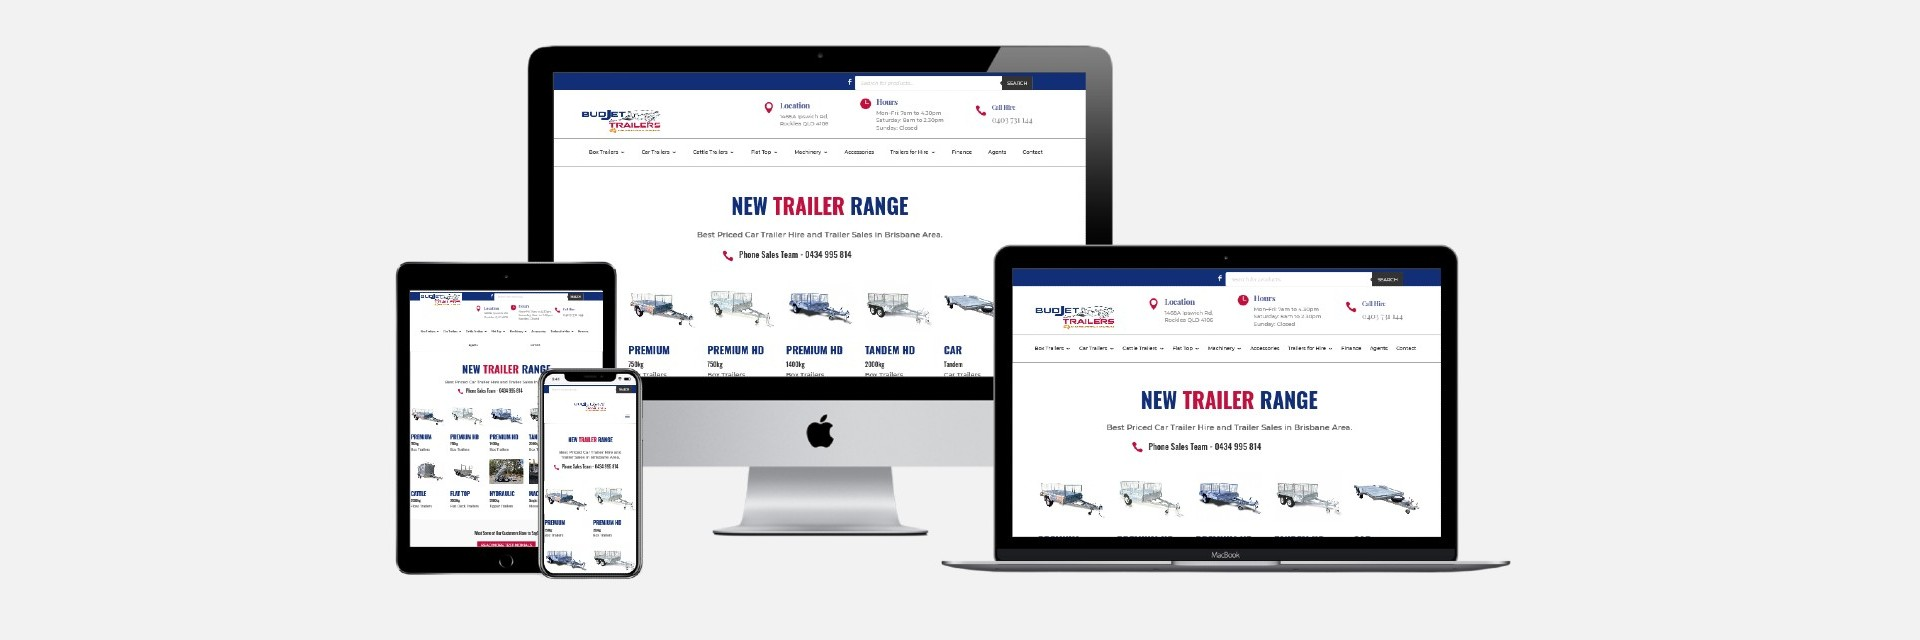 Budjet Trailer Hire - Revamped Website Design